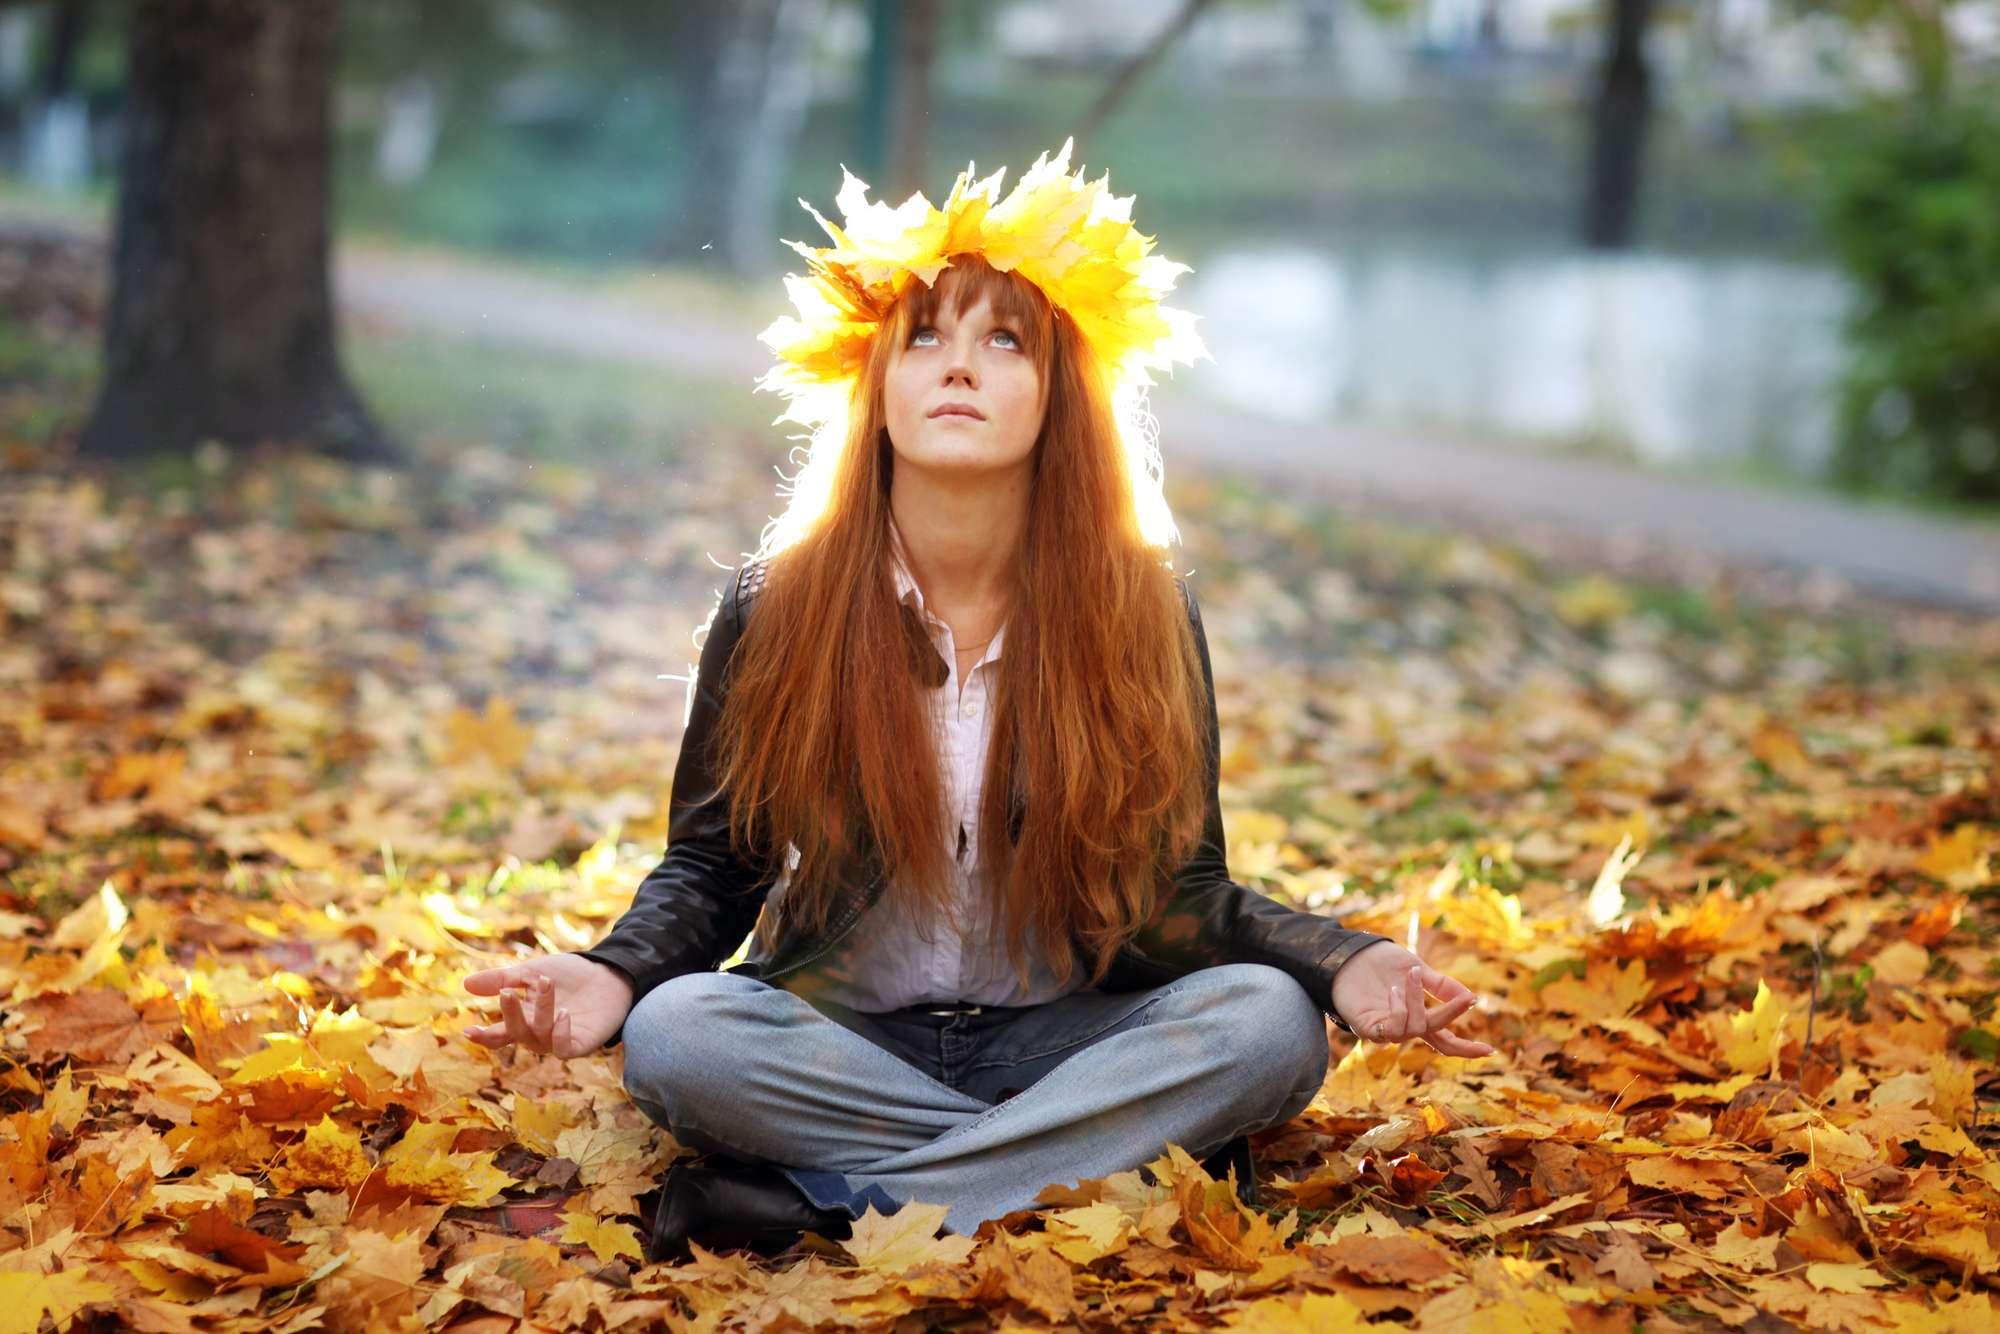 Az őszi stressz gyakoribb, mint gondolnánk